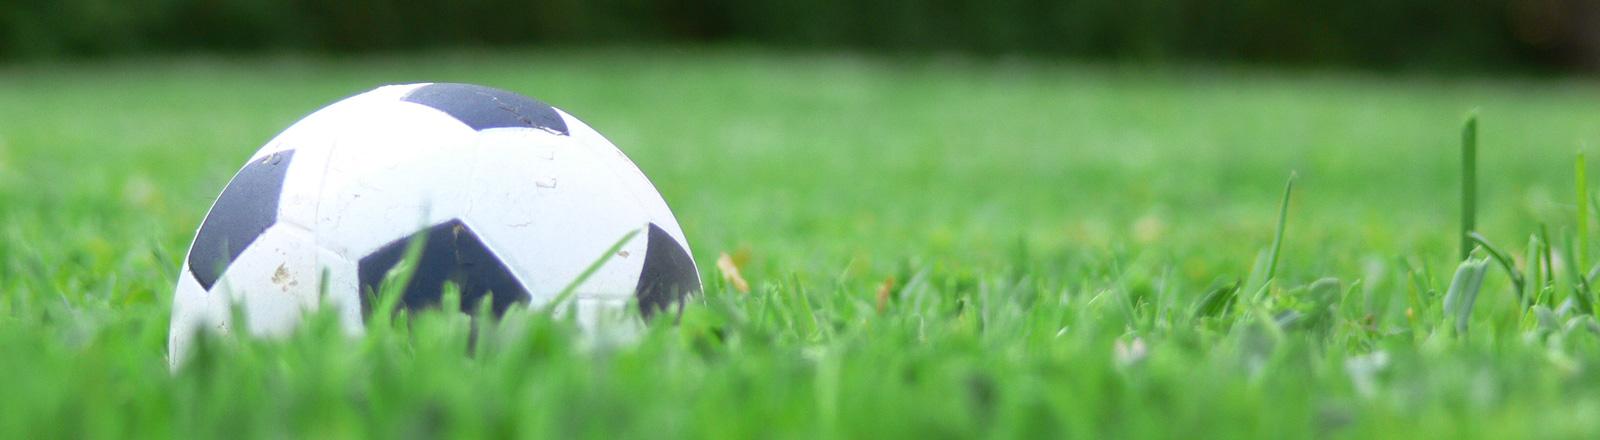 Ein Fußball auf dem Rasen.